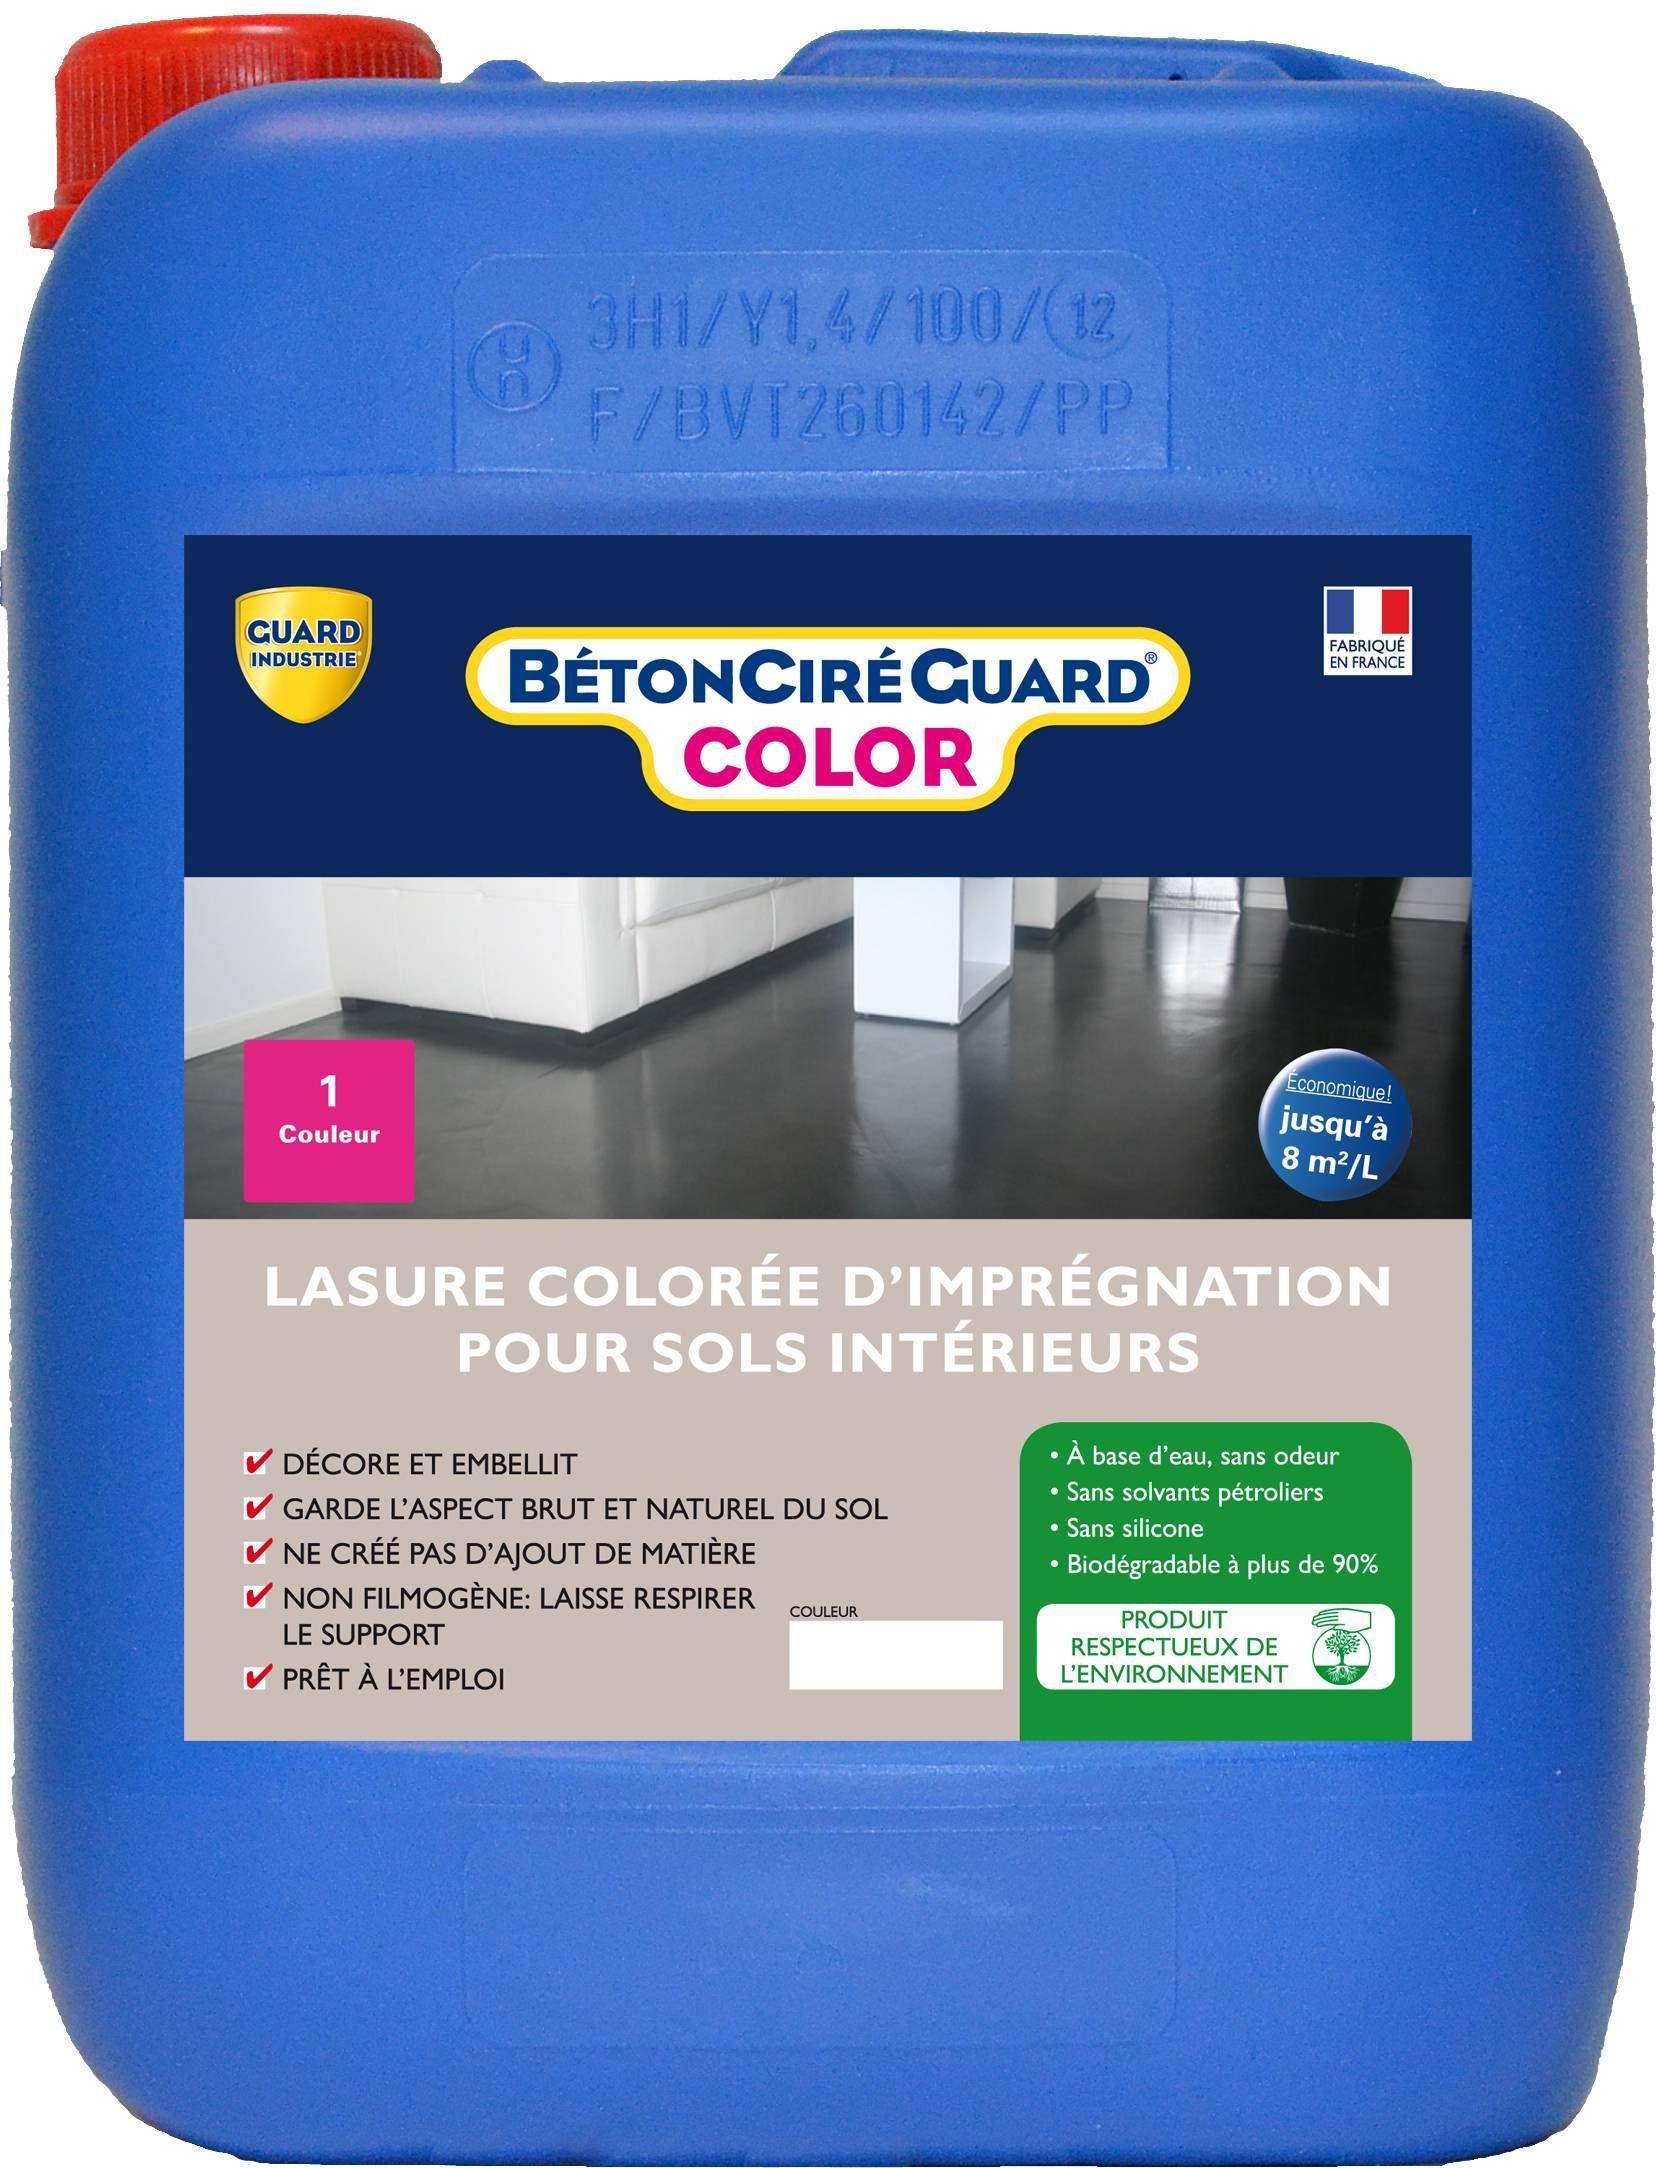 Beton Cire Guard Color Impregnation Coloree Guard Industrie Beton Cire Lasure Beton